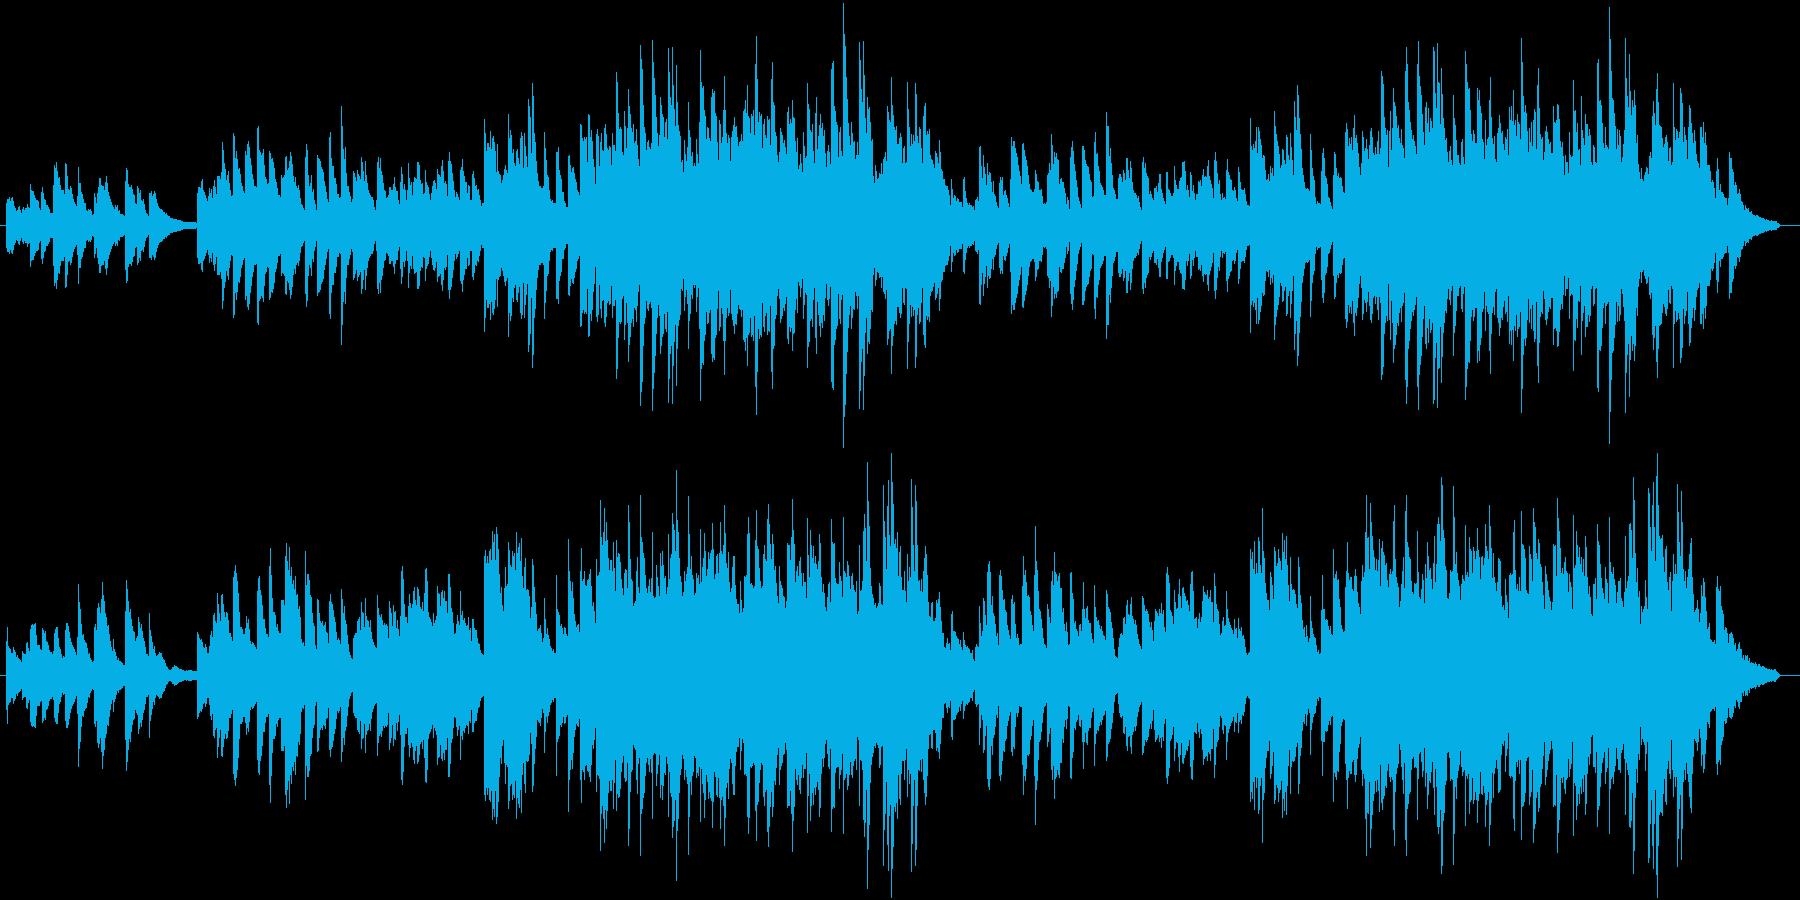 心安らぐいい曲 ピアノVerの再生済みの波形